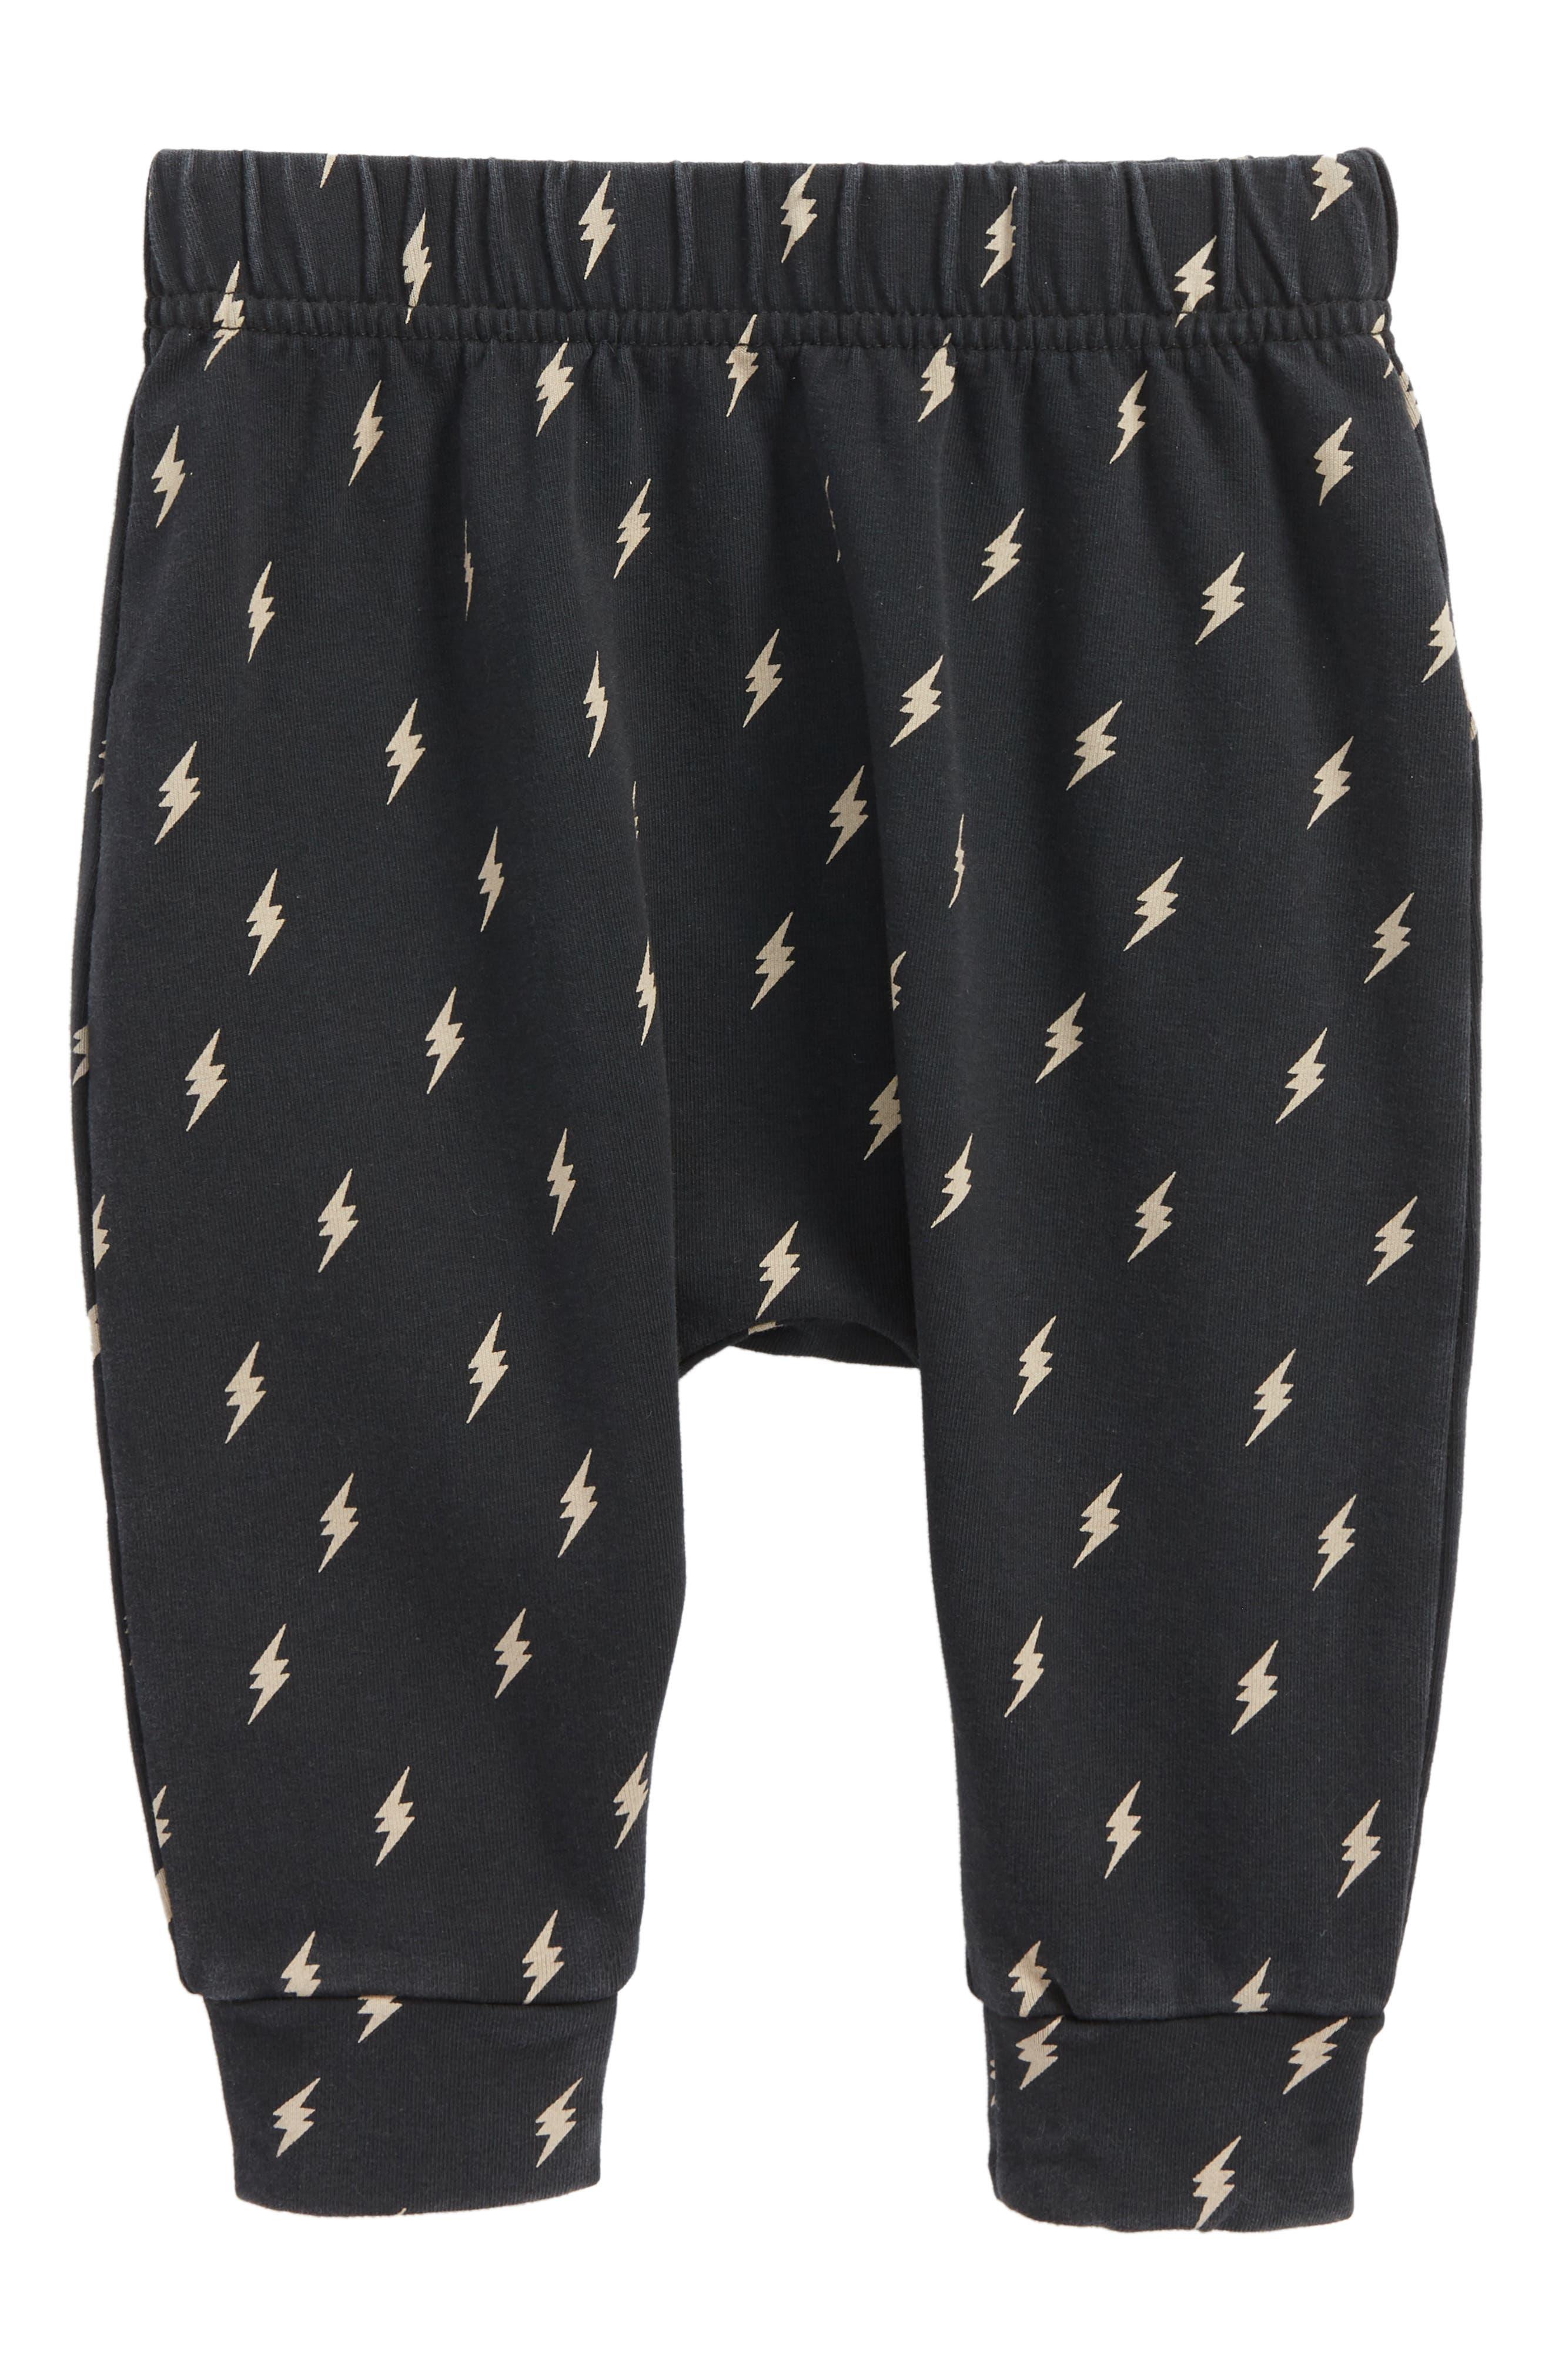 Thunderstruck Jogger Pants,                             Main thumbnail 1, color,                             Black